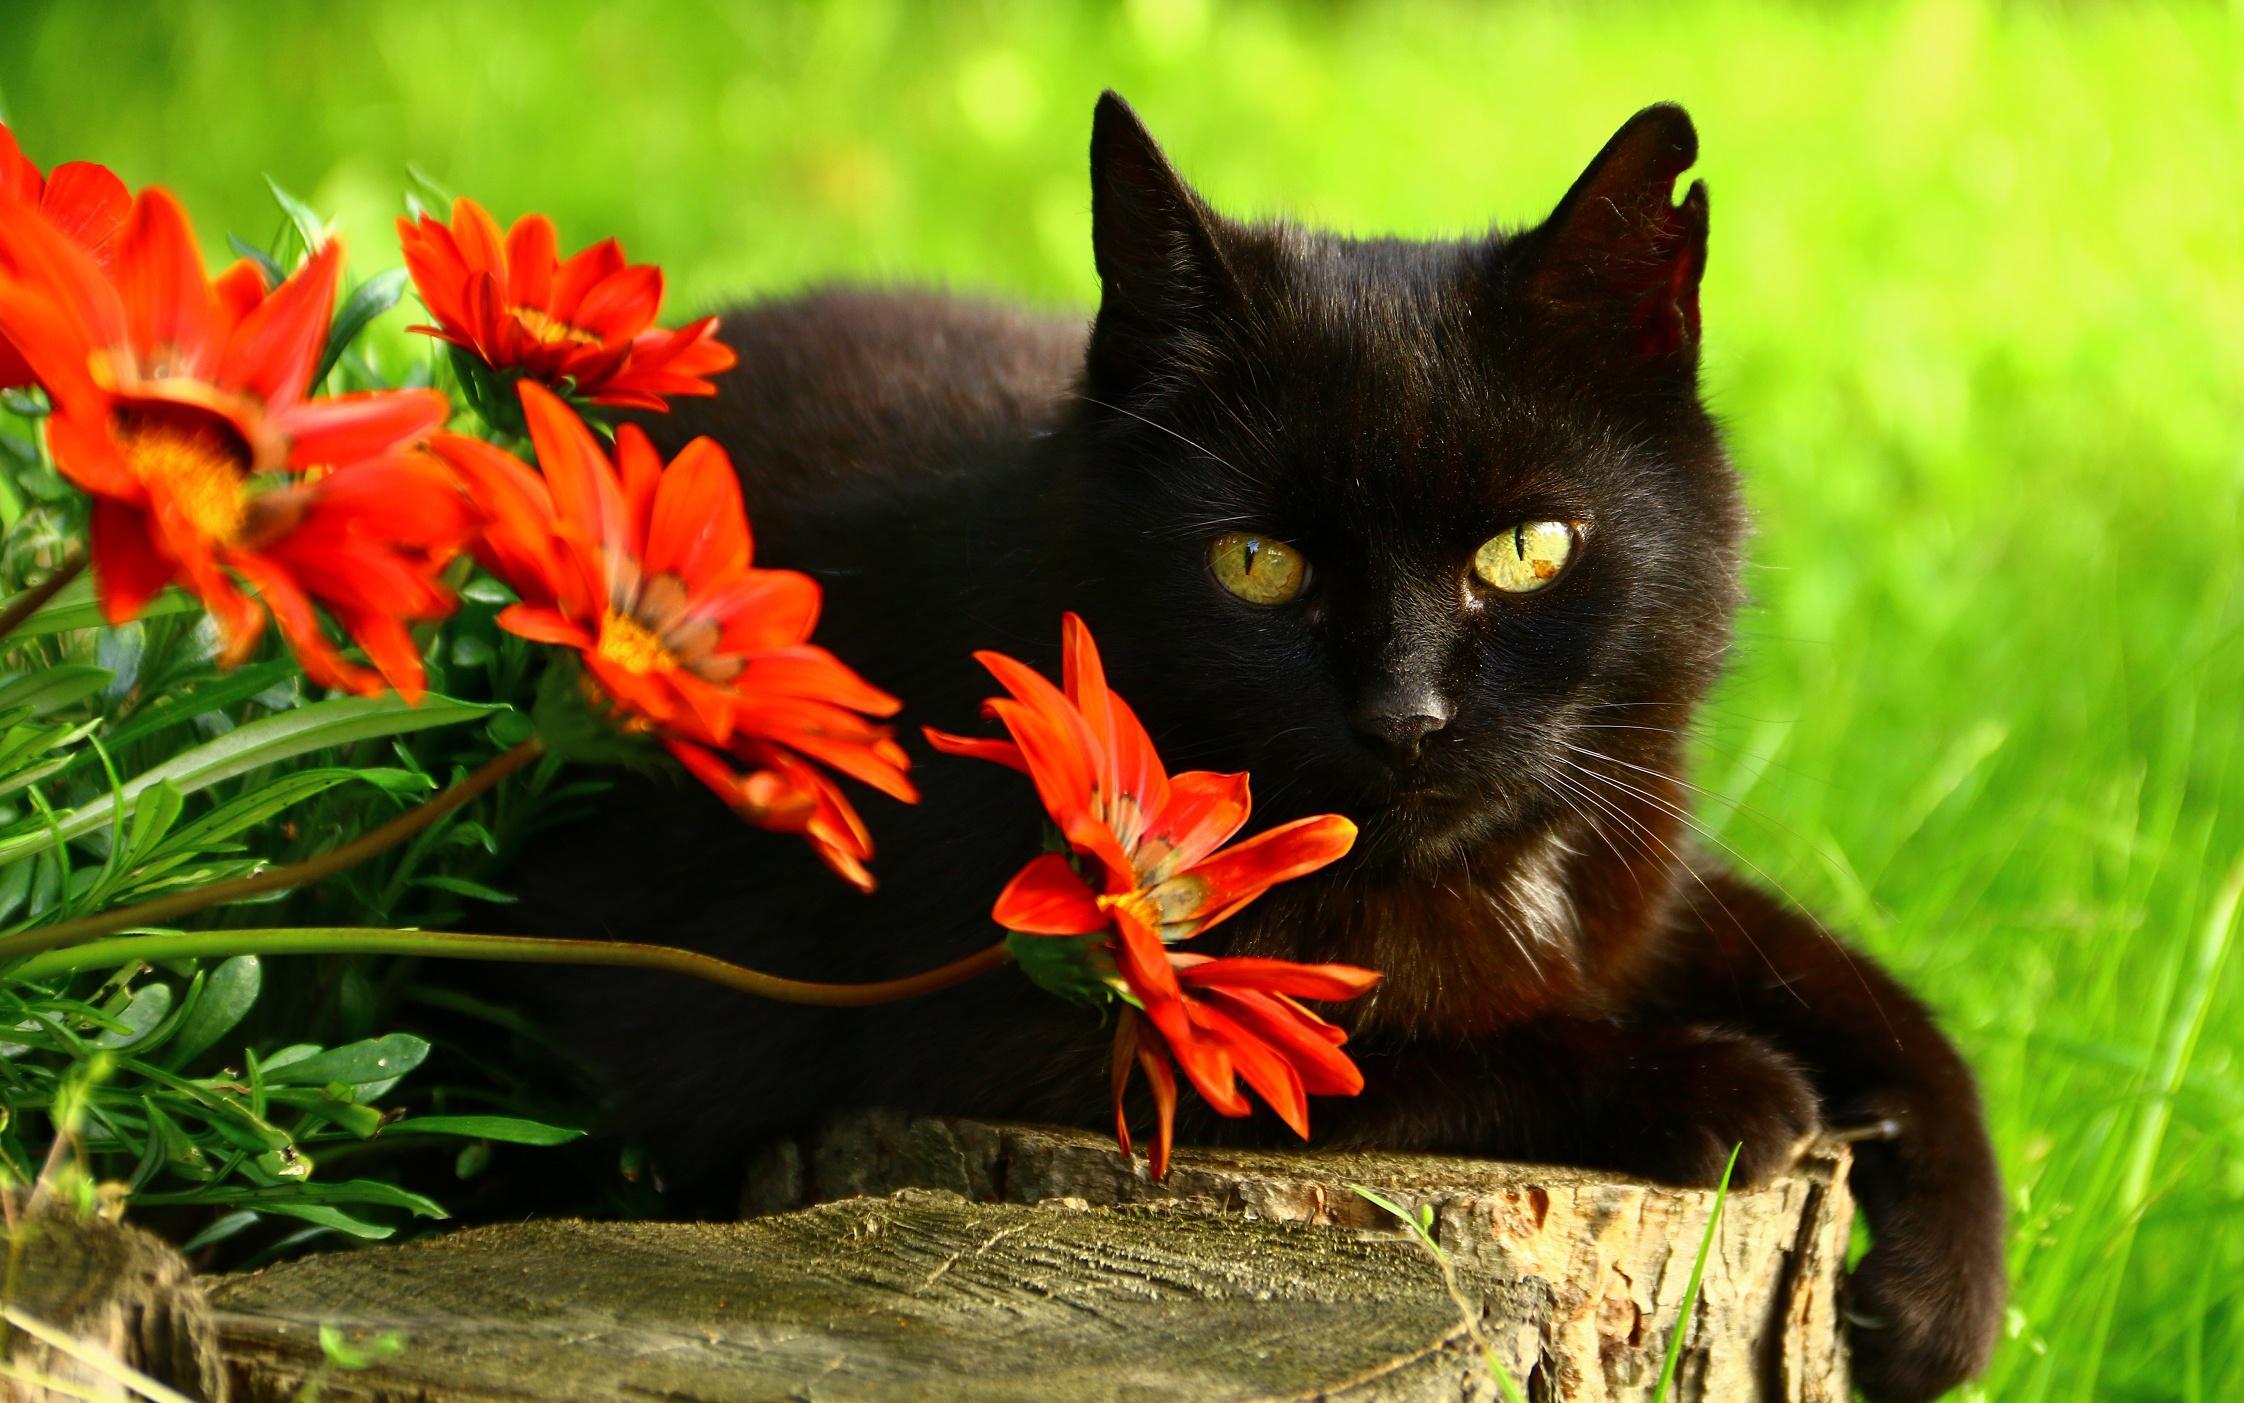 природа животные кот котенок черный  № 654374 загрузить